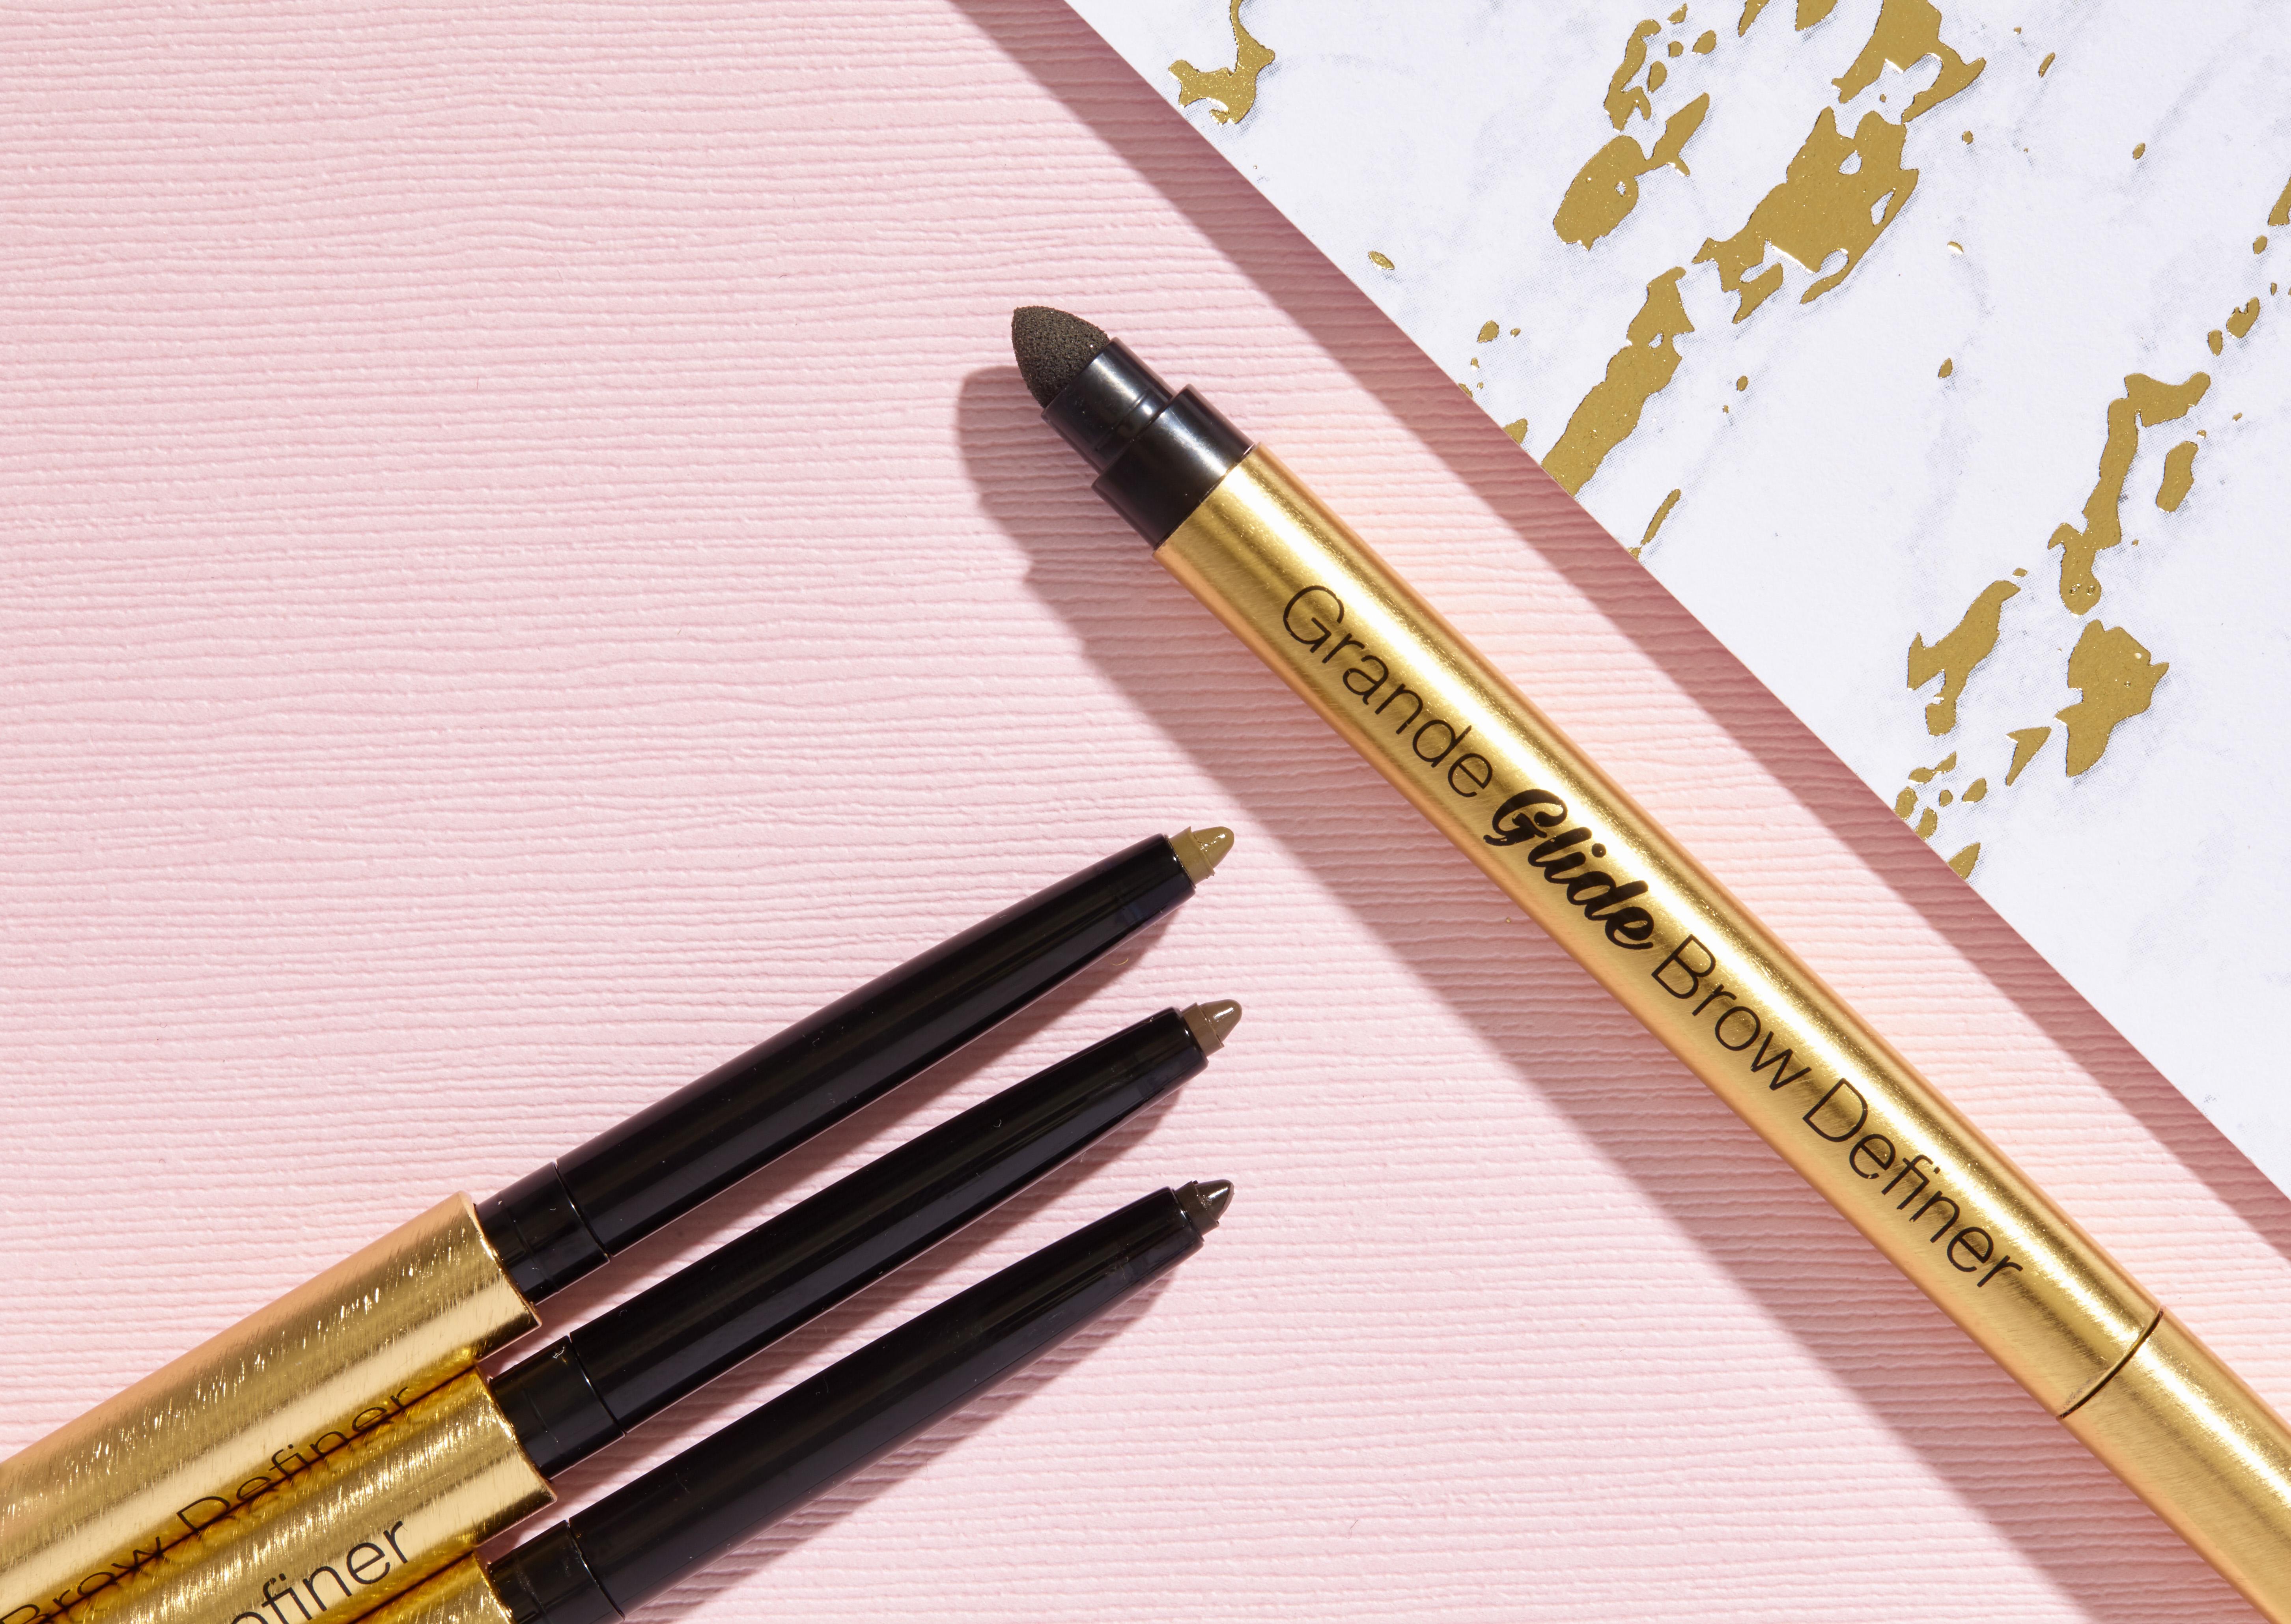 GrandeGLIDE Brow Pencil